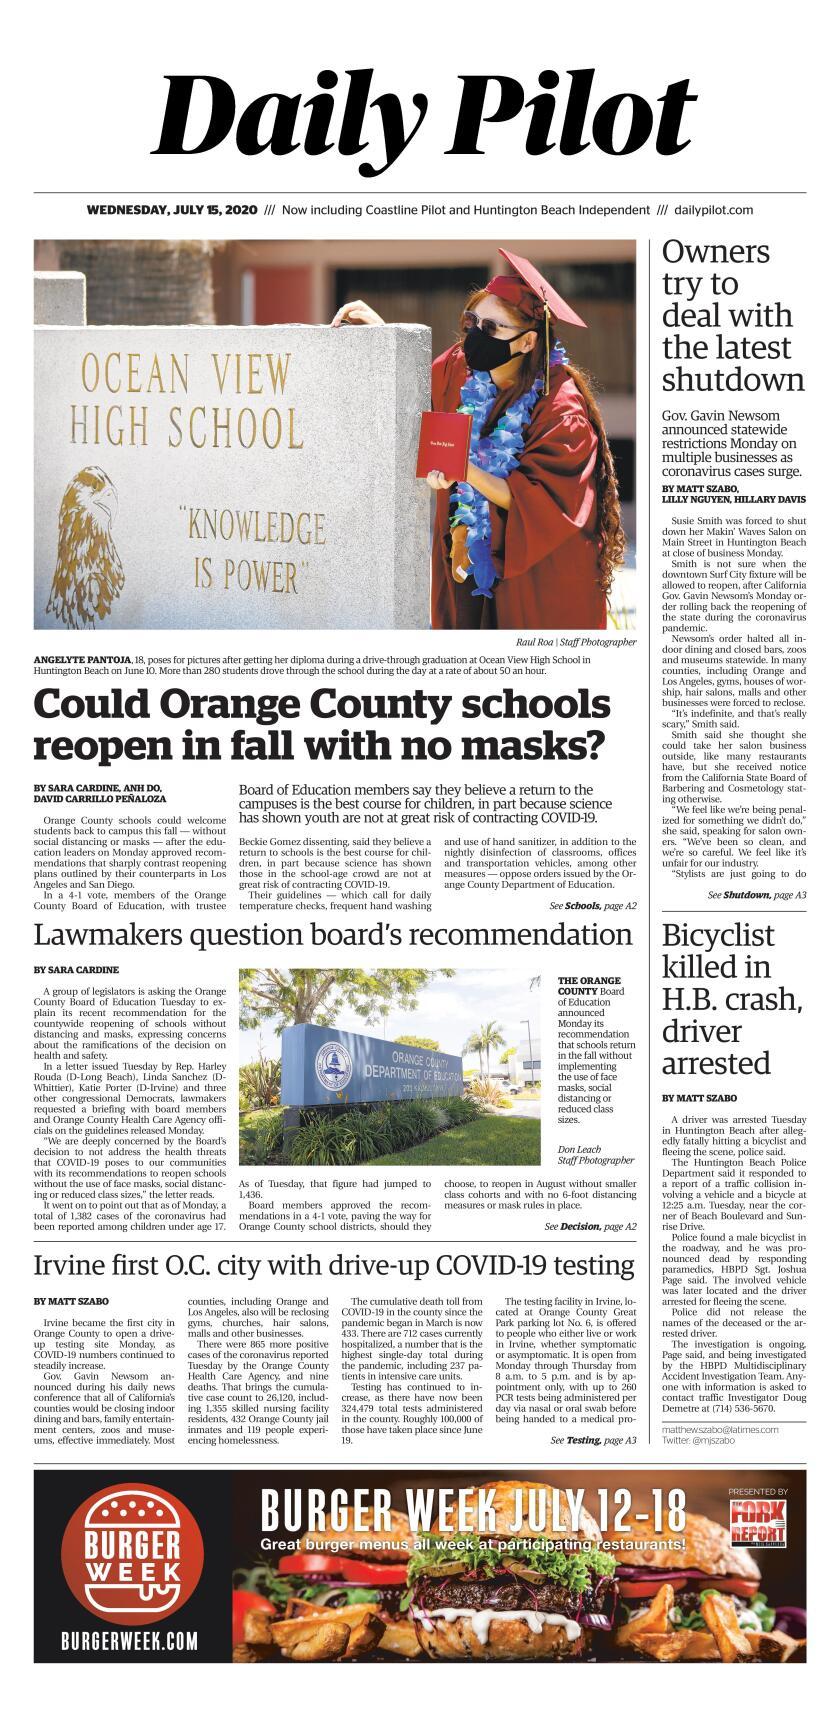 Cover of Wednesday's Daily Pilot e-newspaper.